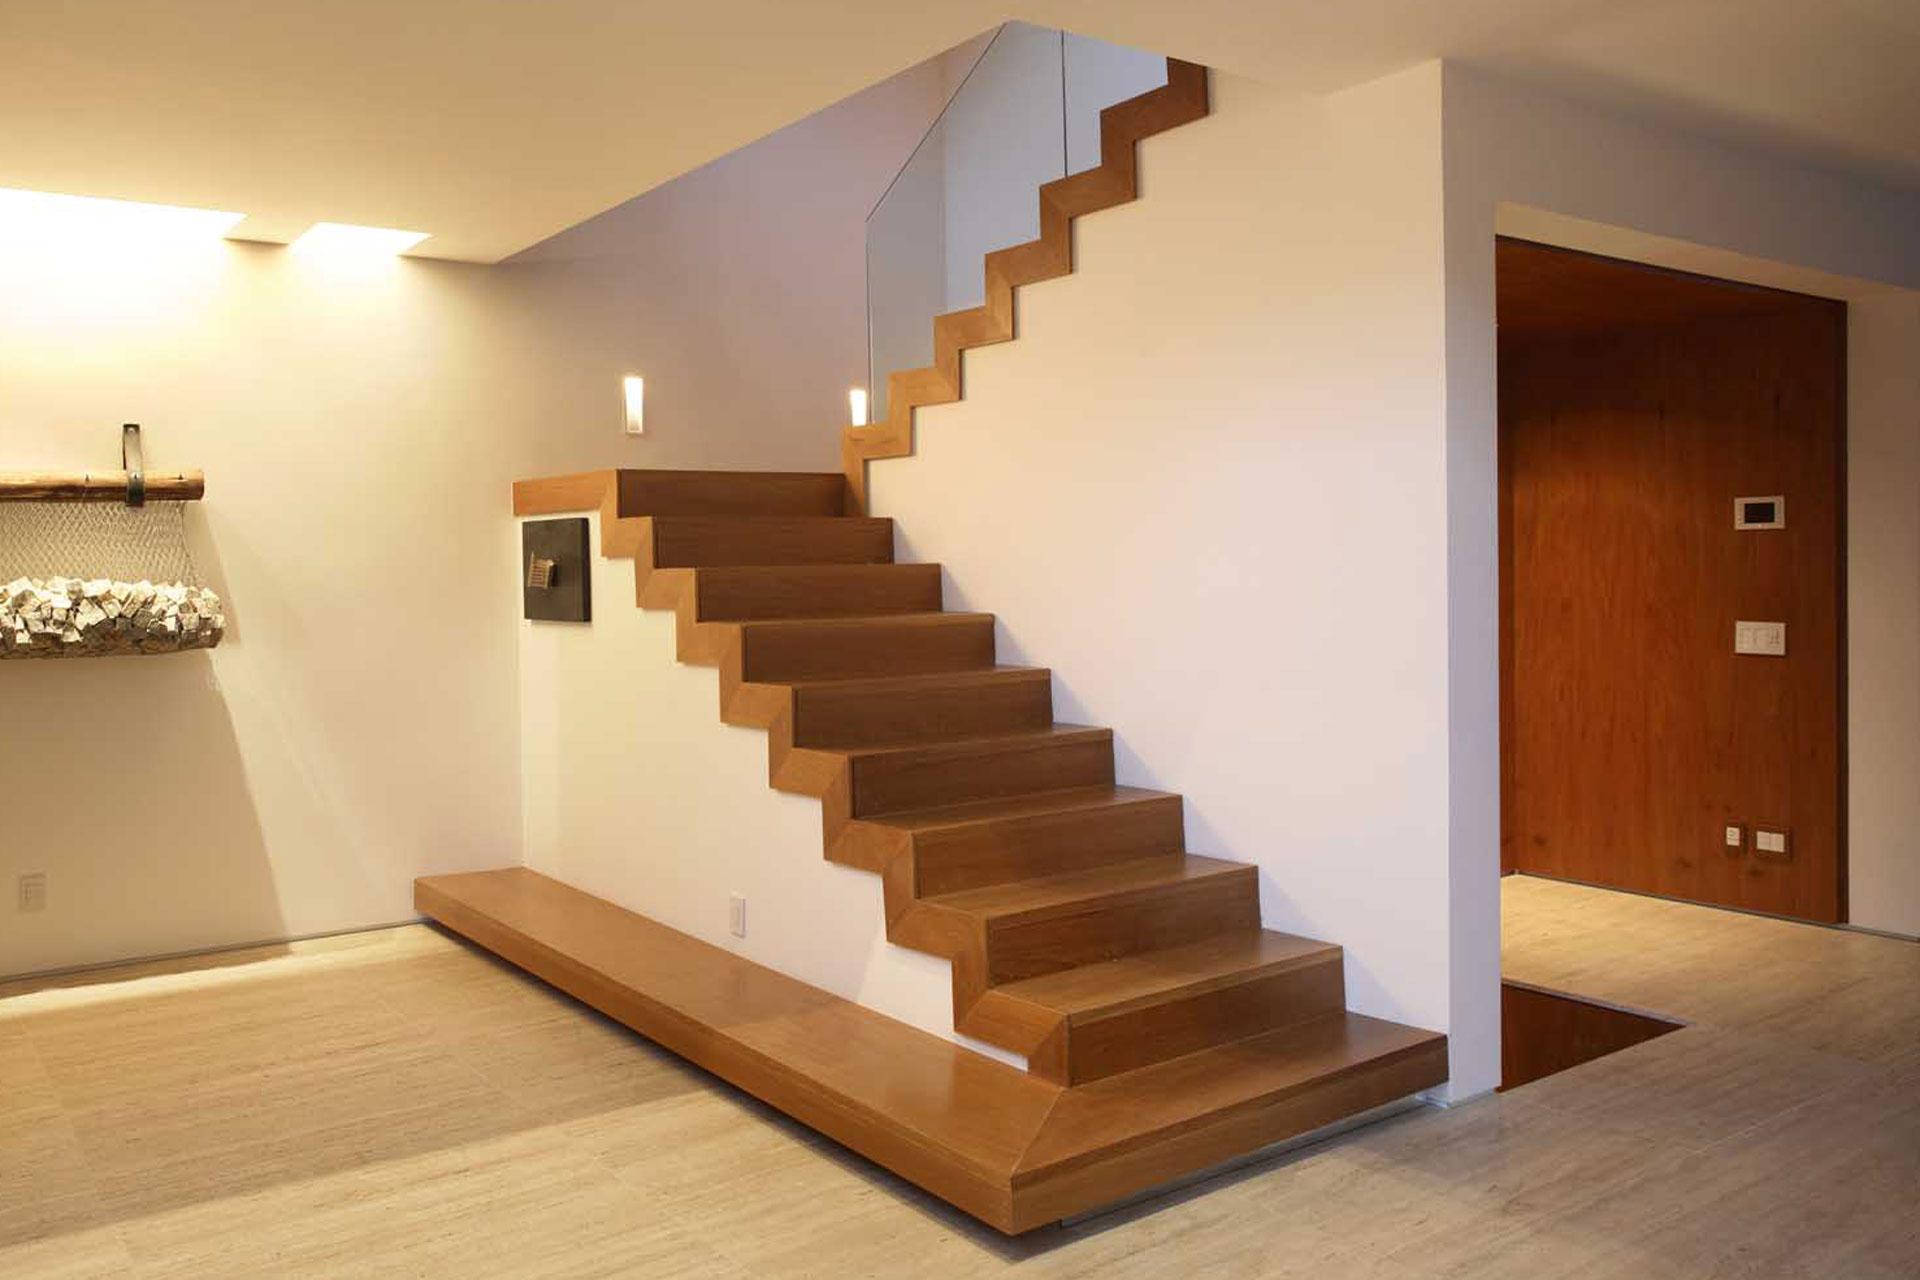 Scaletta In Legno Per Soppalco : Mbm scale in legno a pesaro gradini torelli e soglie